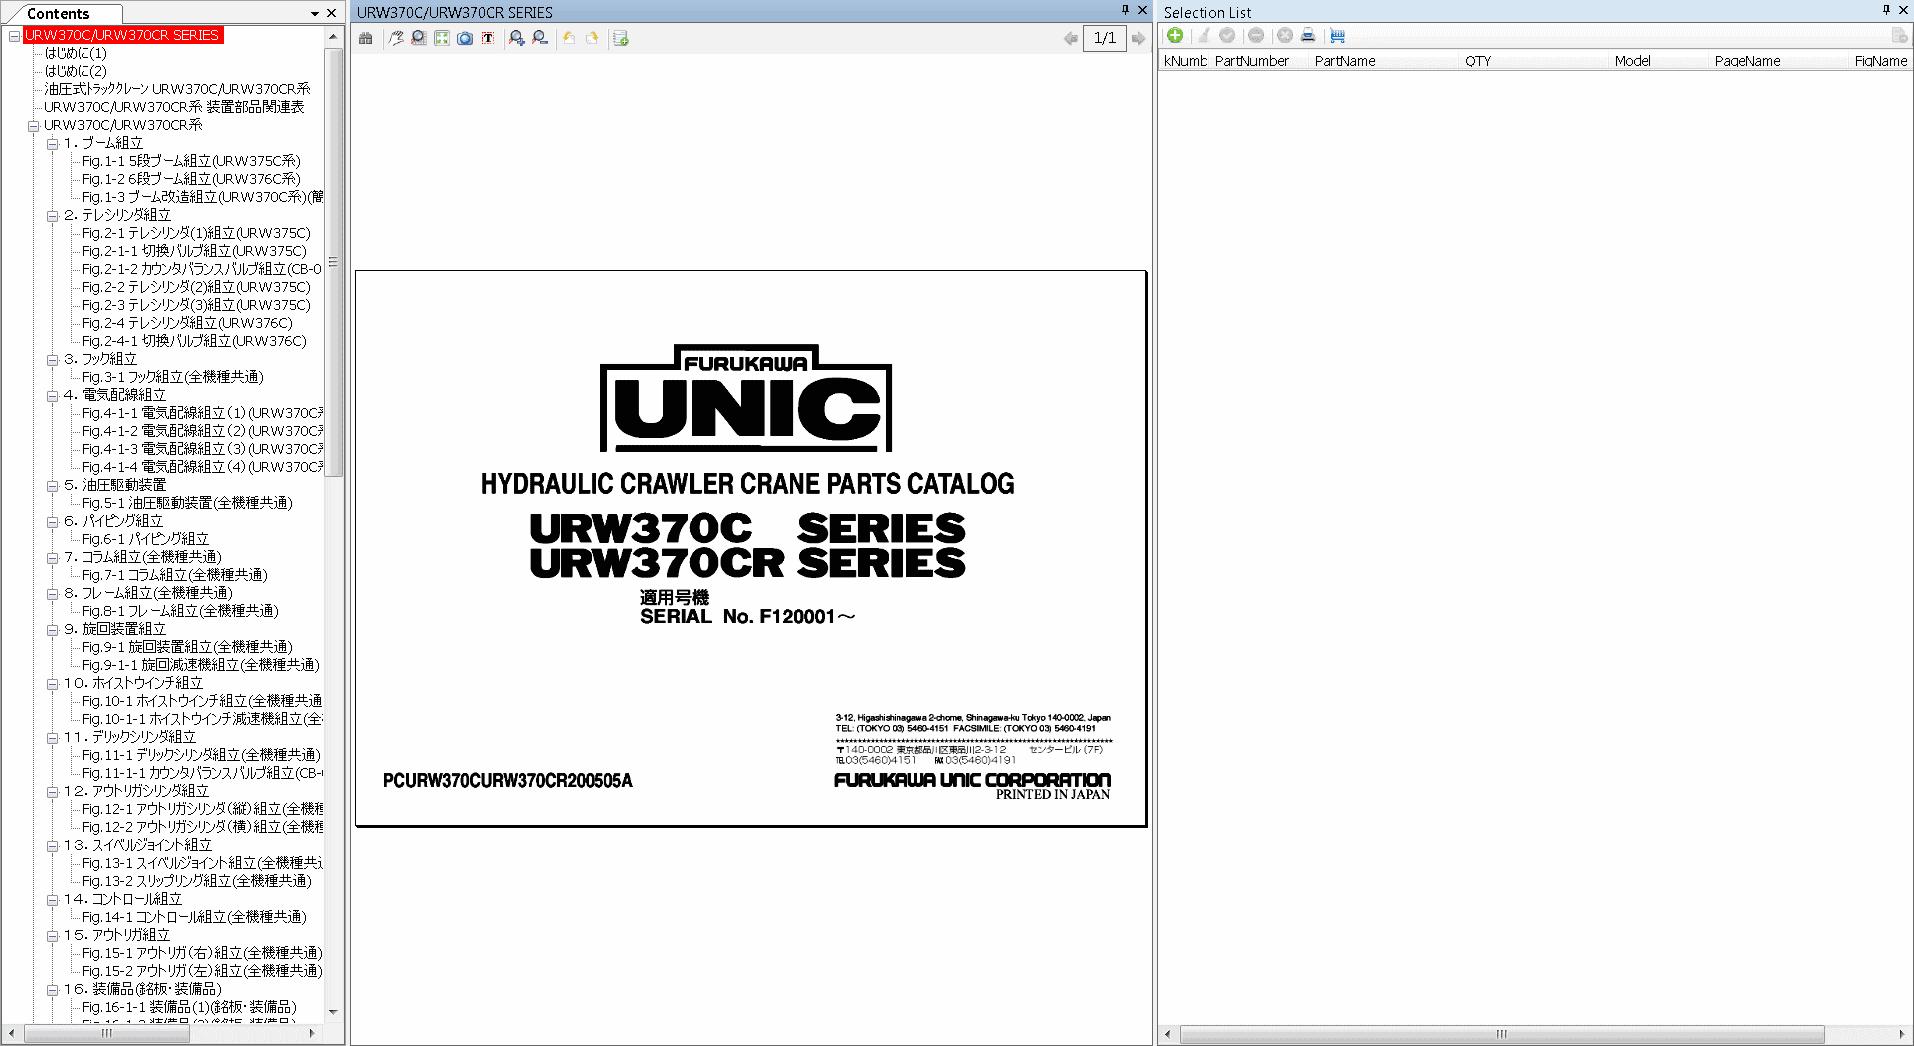 Furukawa_Unic_Hydraulic_Crane_CSS-NET_062020_Parts_Catalog2